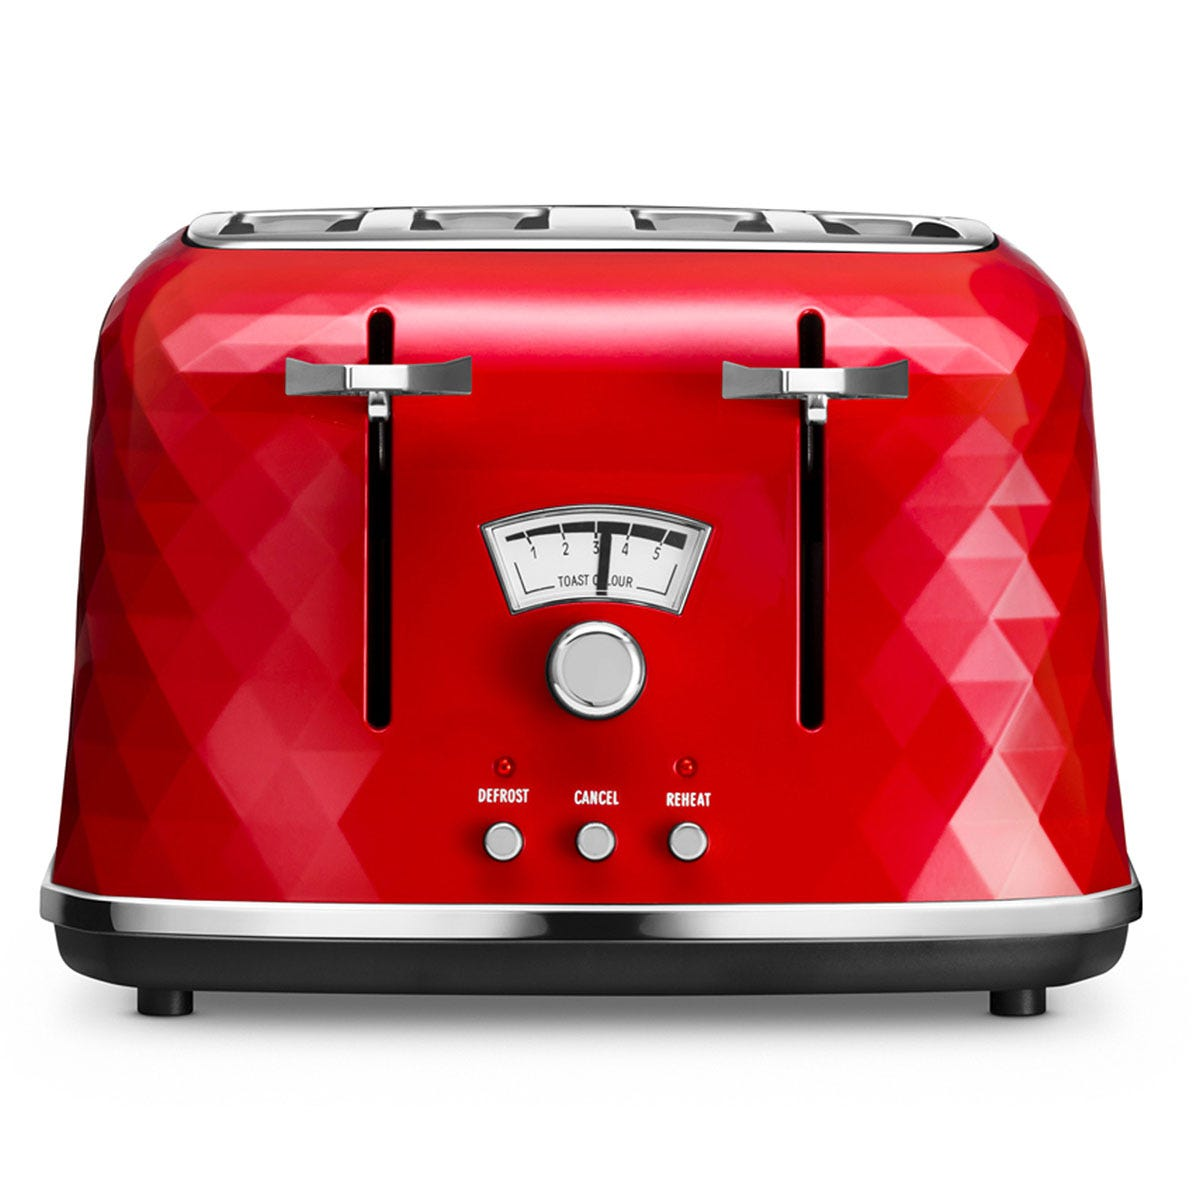 De'Longhi DeLonghi CTJ4003R 1800W Brilliante Four-Slice Toaster - Red